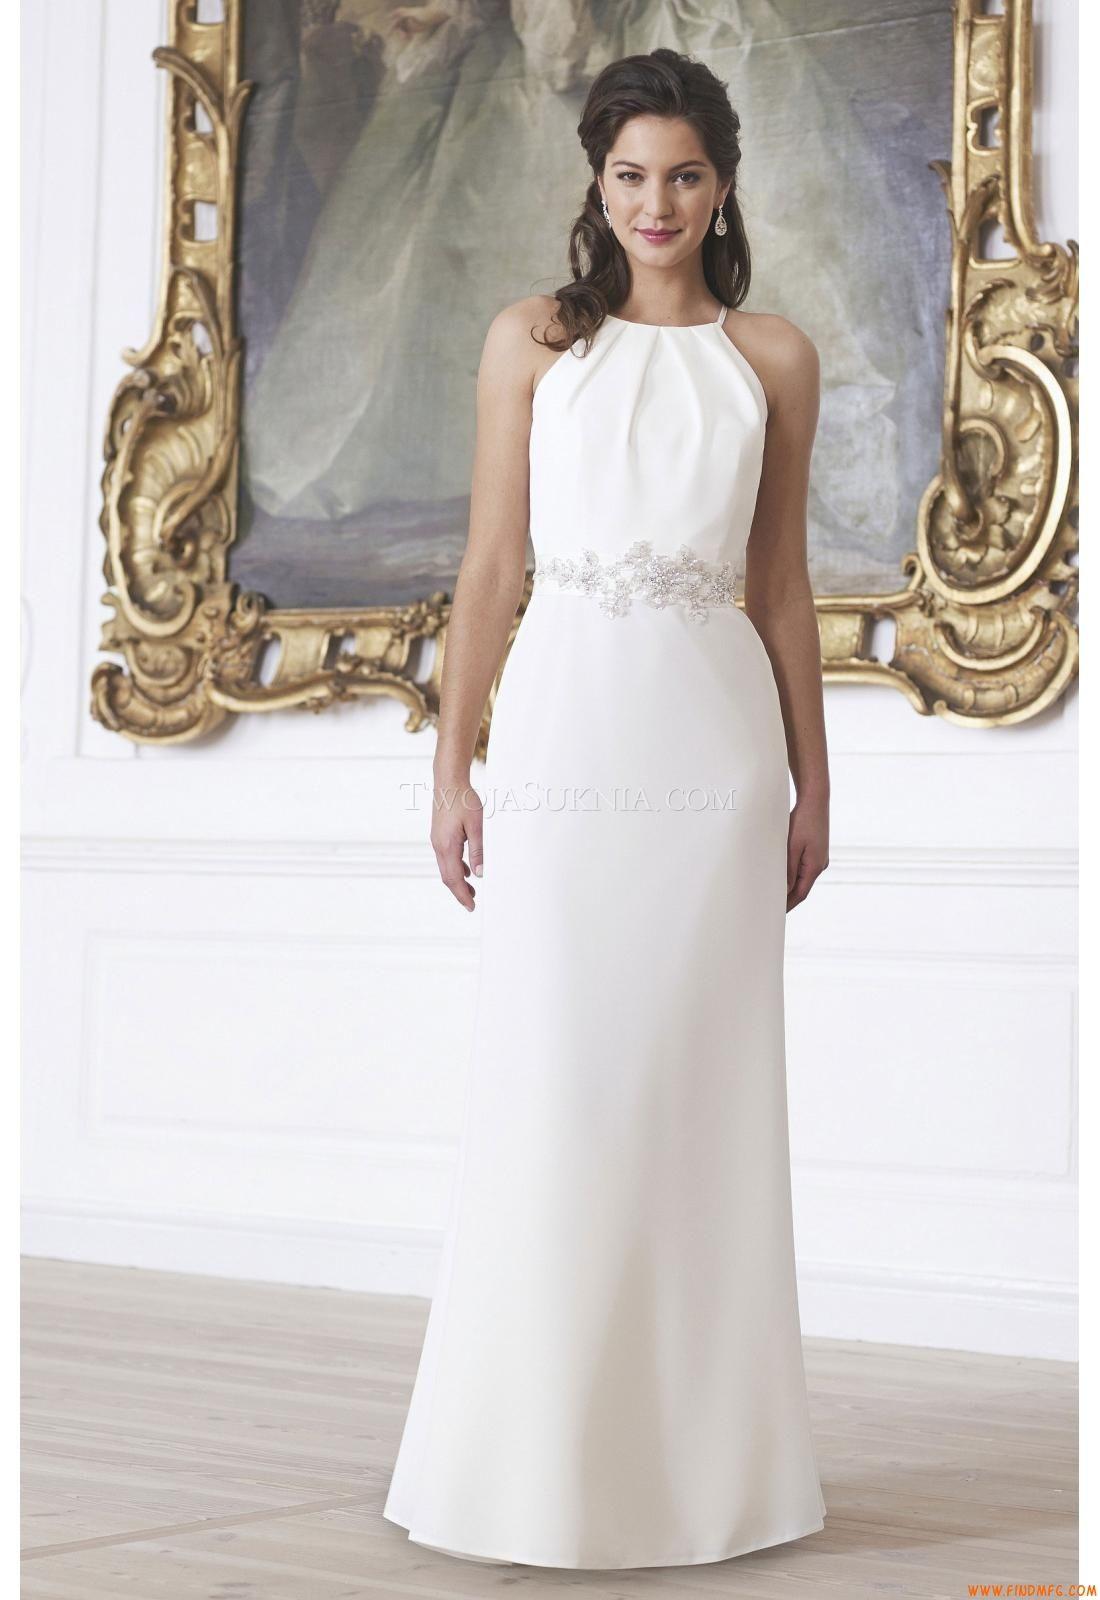 Vestidos de noiva Lilly 08-3254-CR Lilly 2014